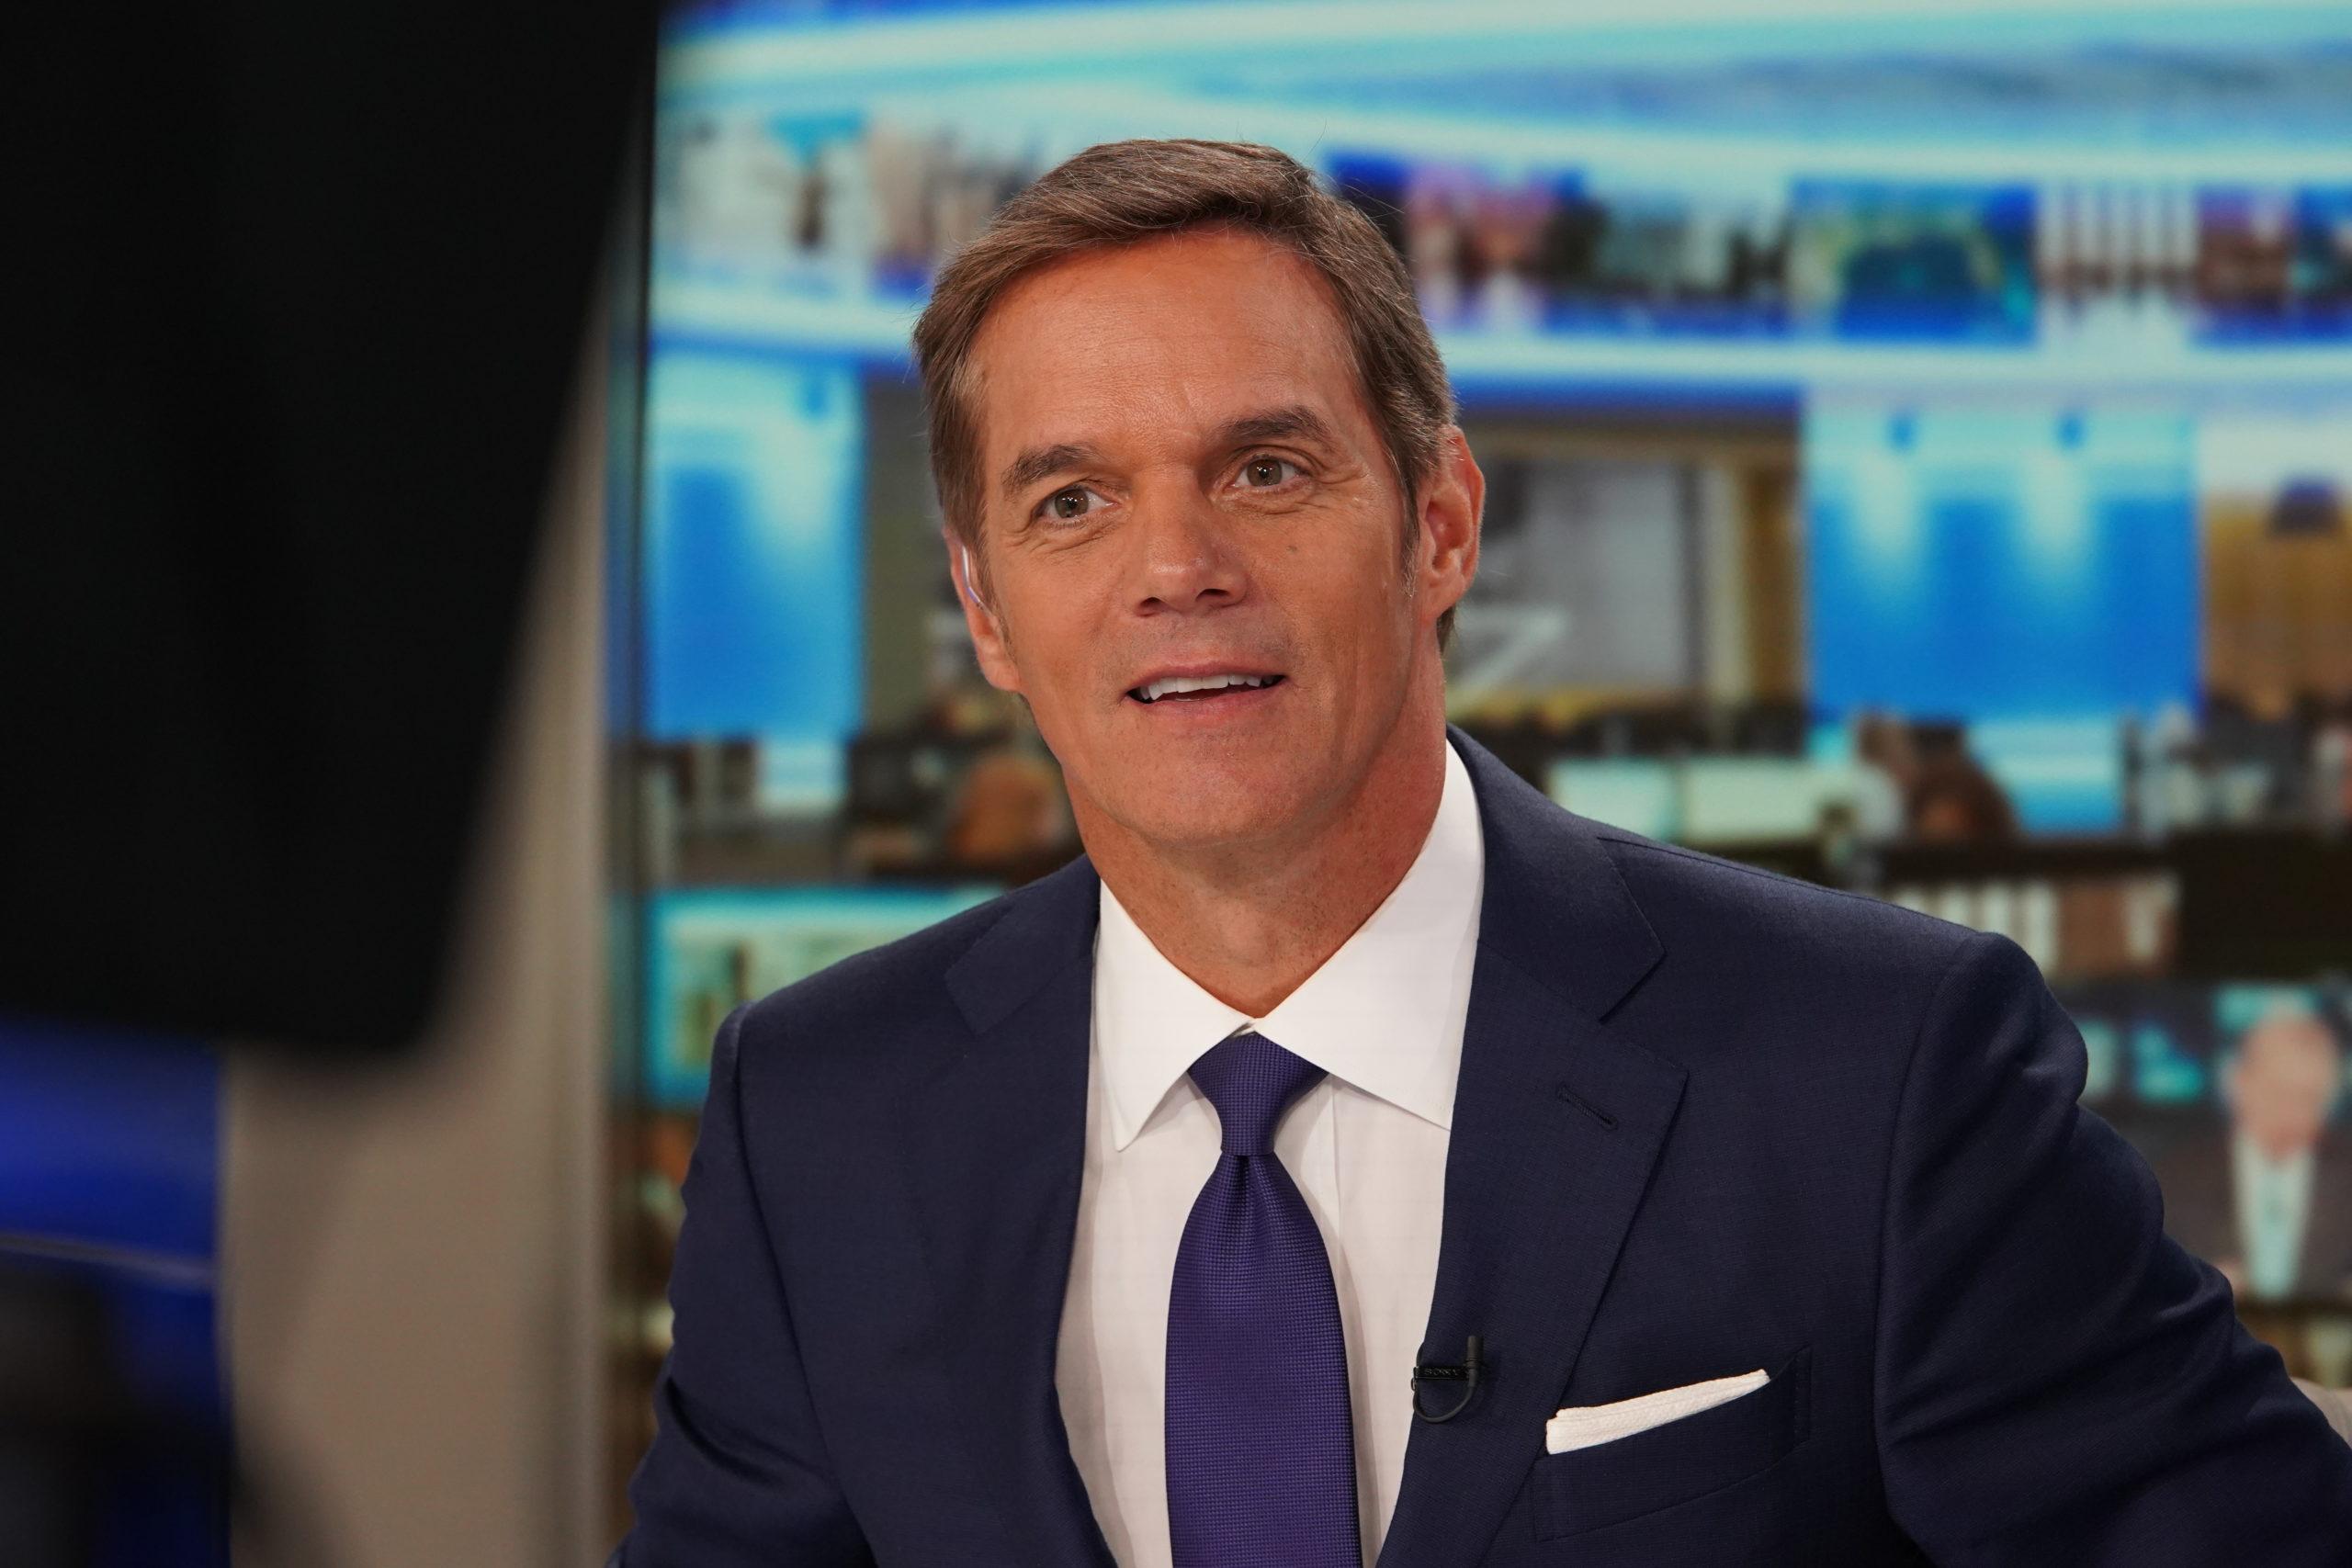 Fox News Anchor Bill Hemmer